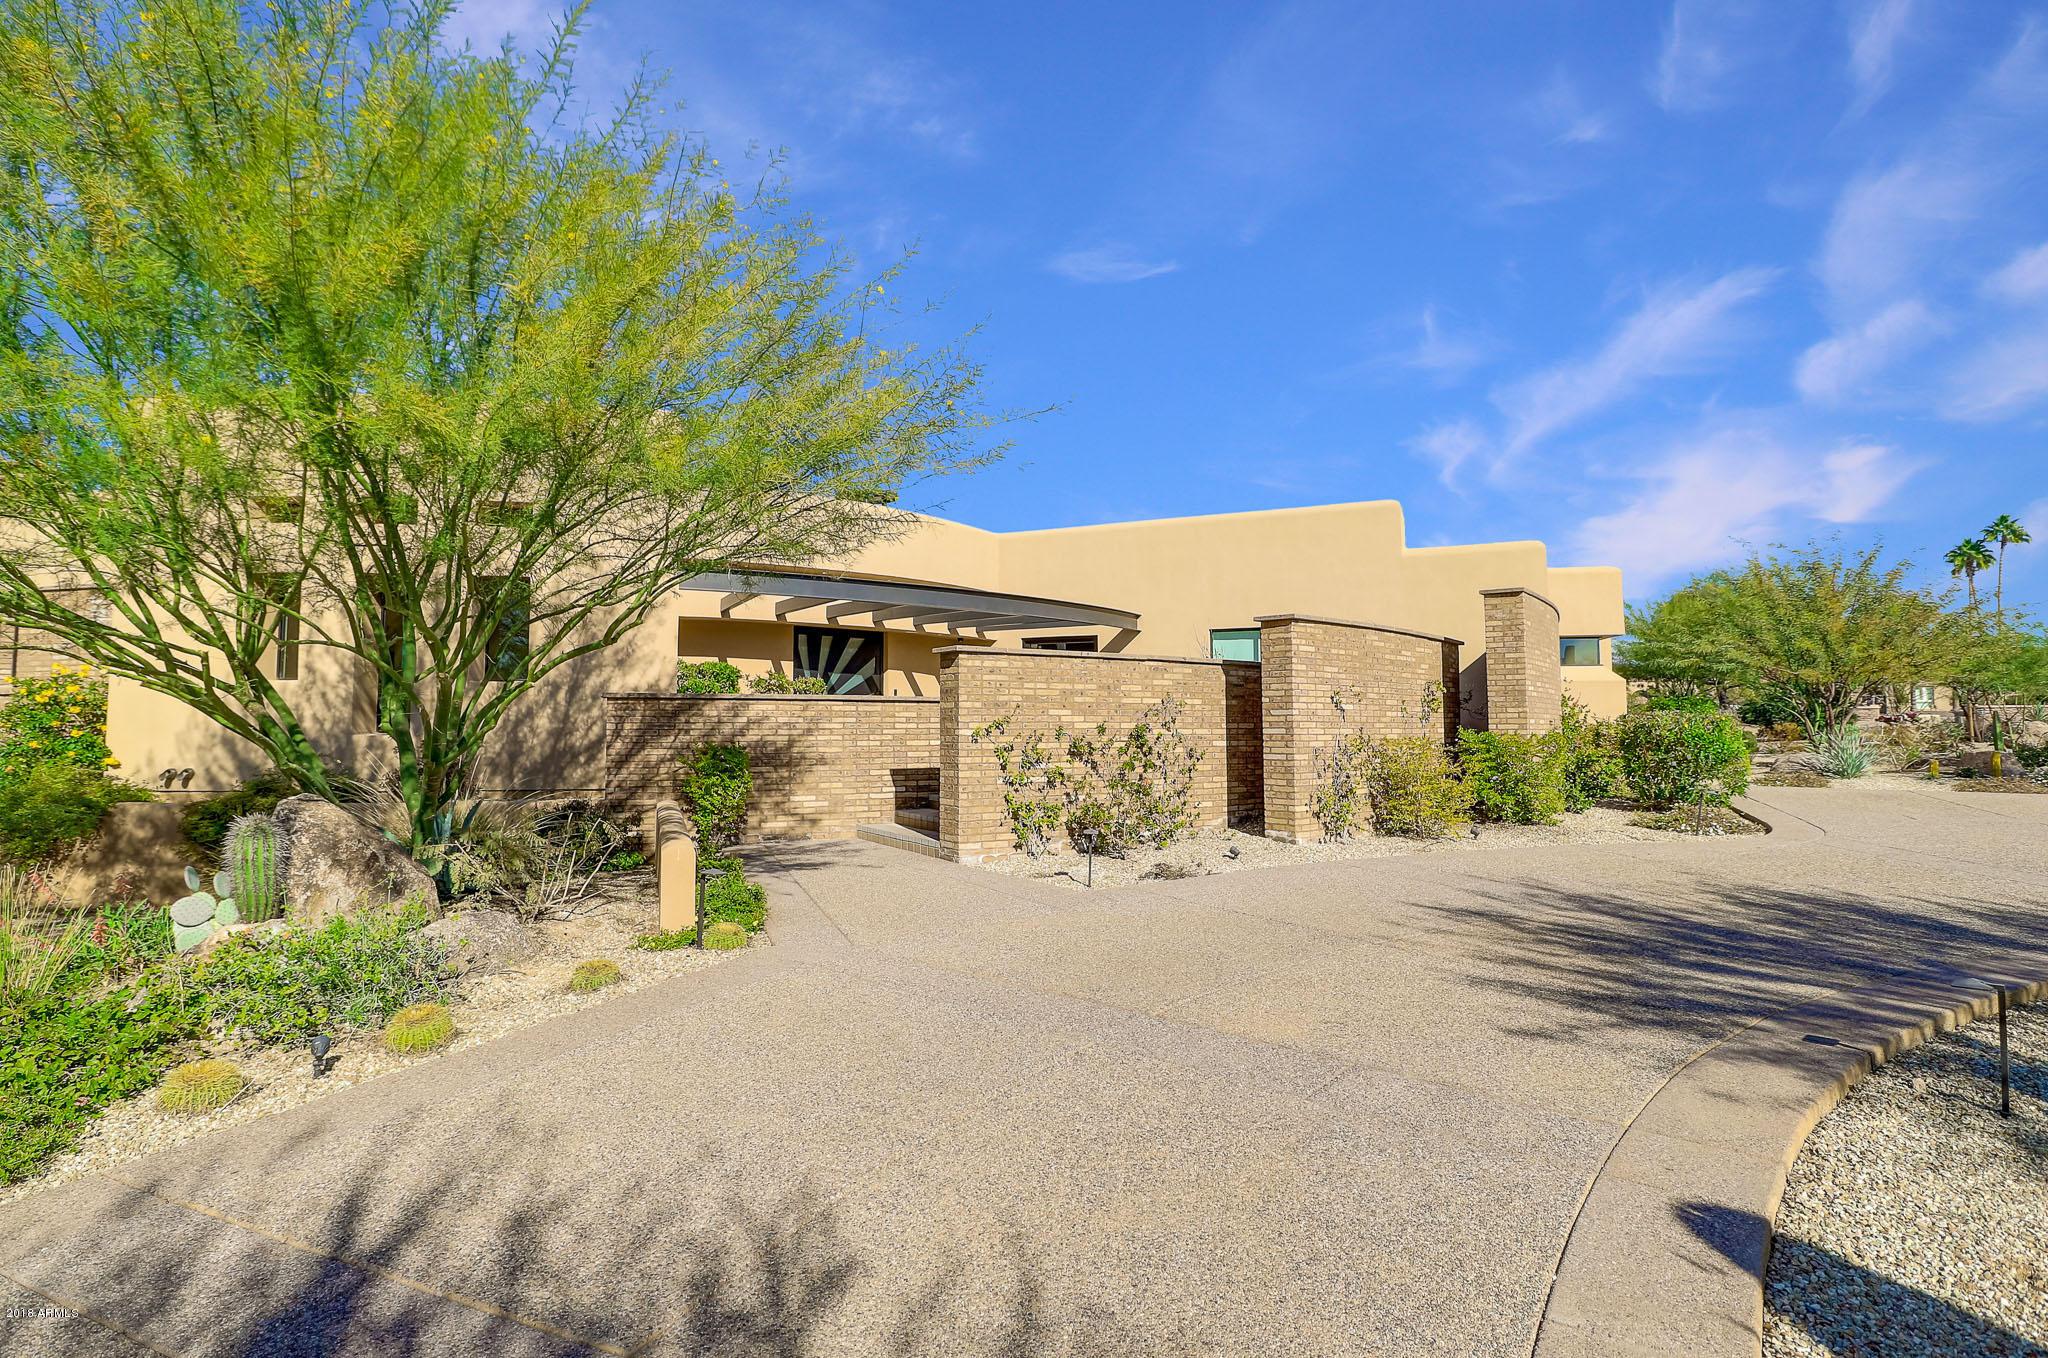 Photo of 8116 E VISTA BONITA Drive, Scottsdale, AZ 85255